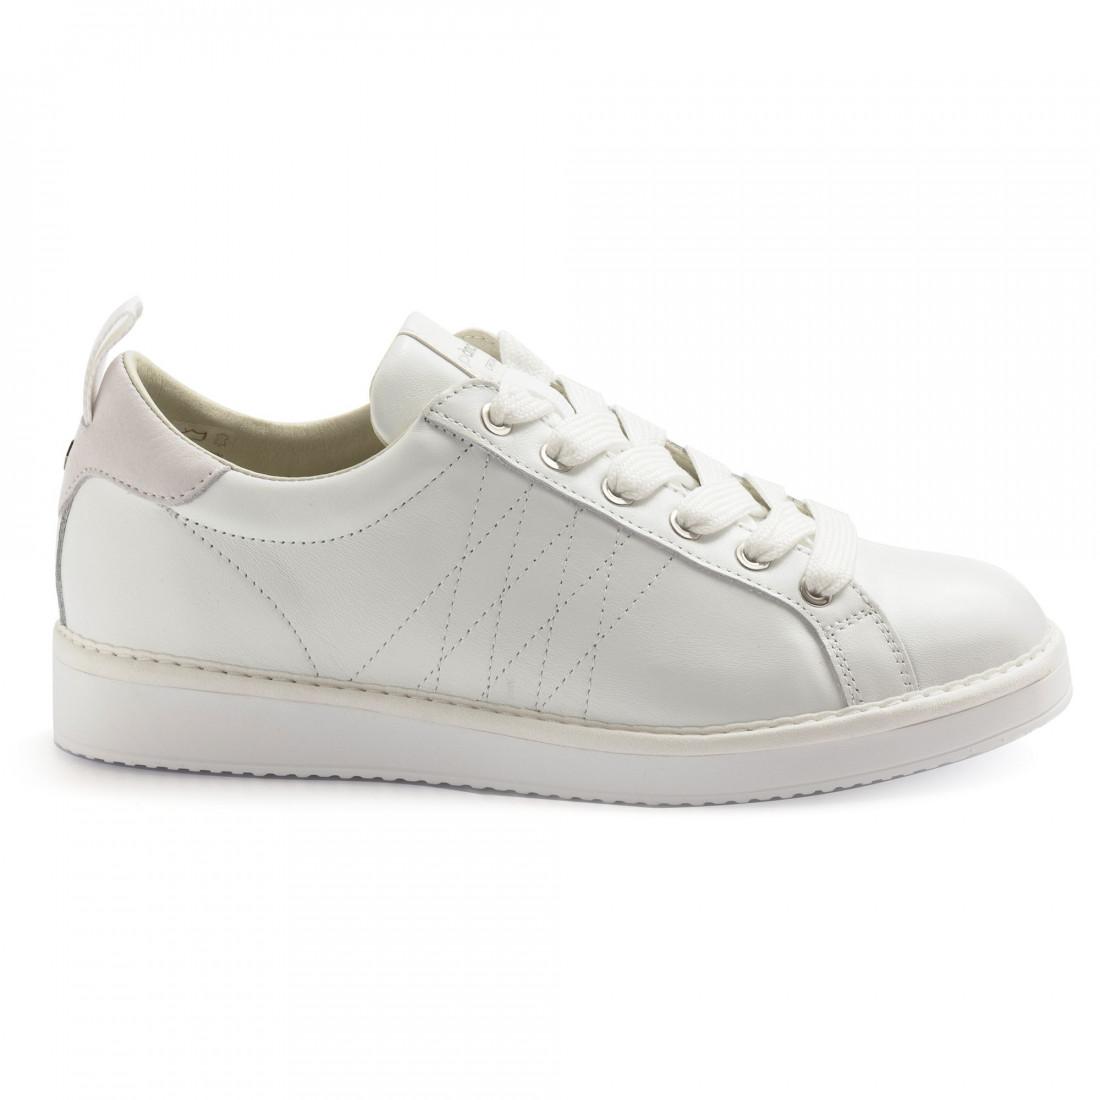 sneakers uomo panchic p01m16001lk1c00005 8501